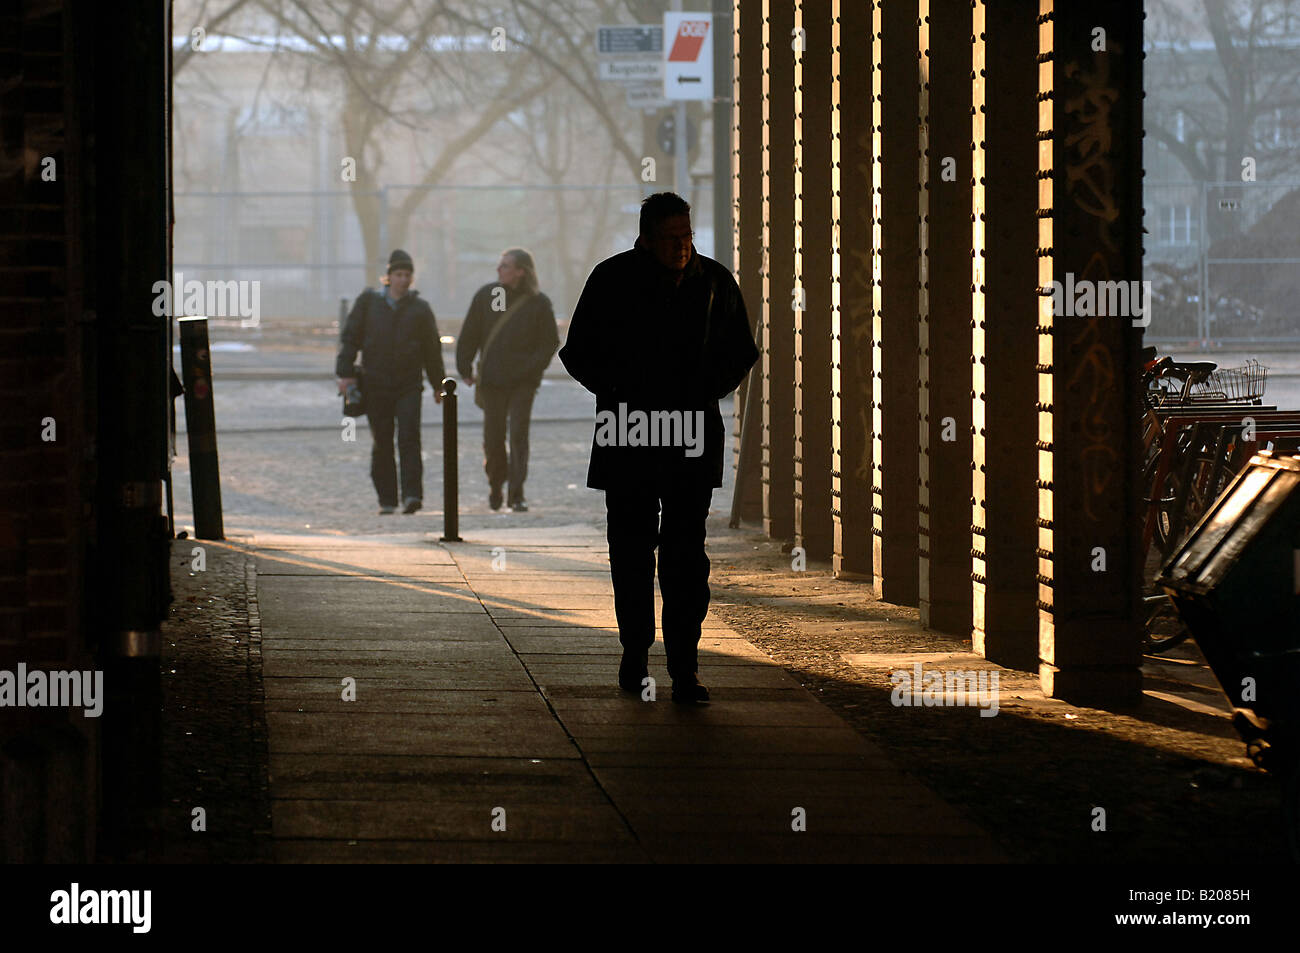 Uomo a camminare sotto un ponte, Berlino, Germania Immagini Stock